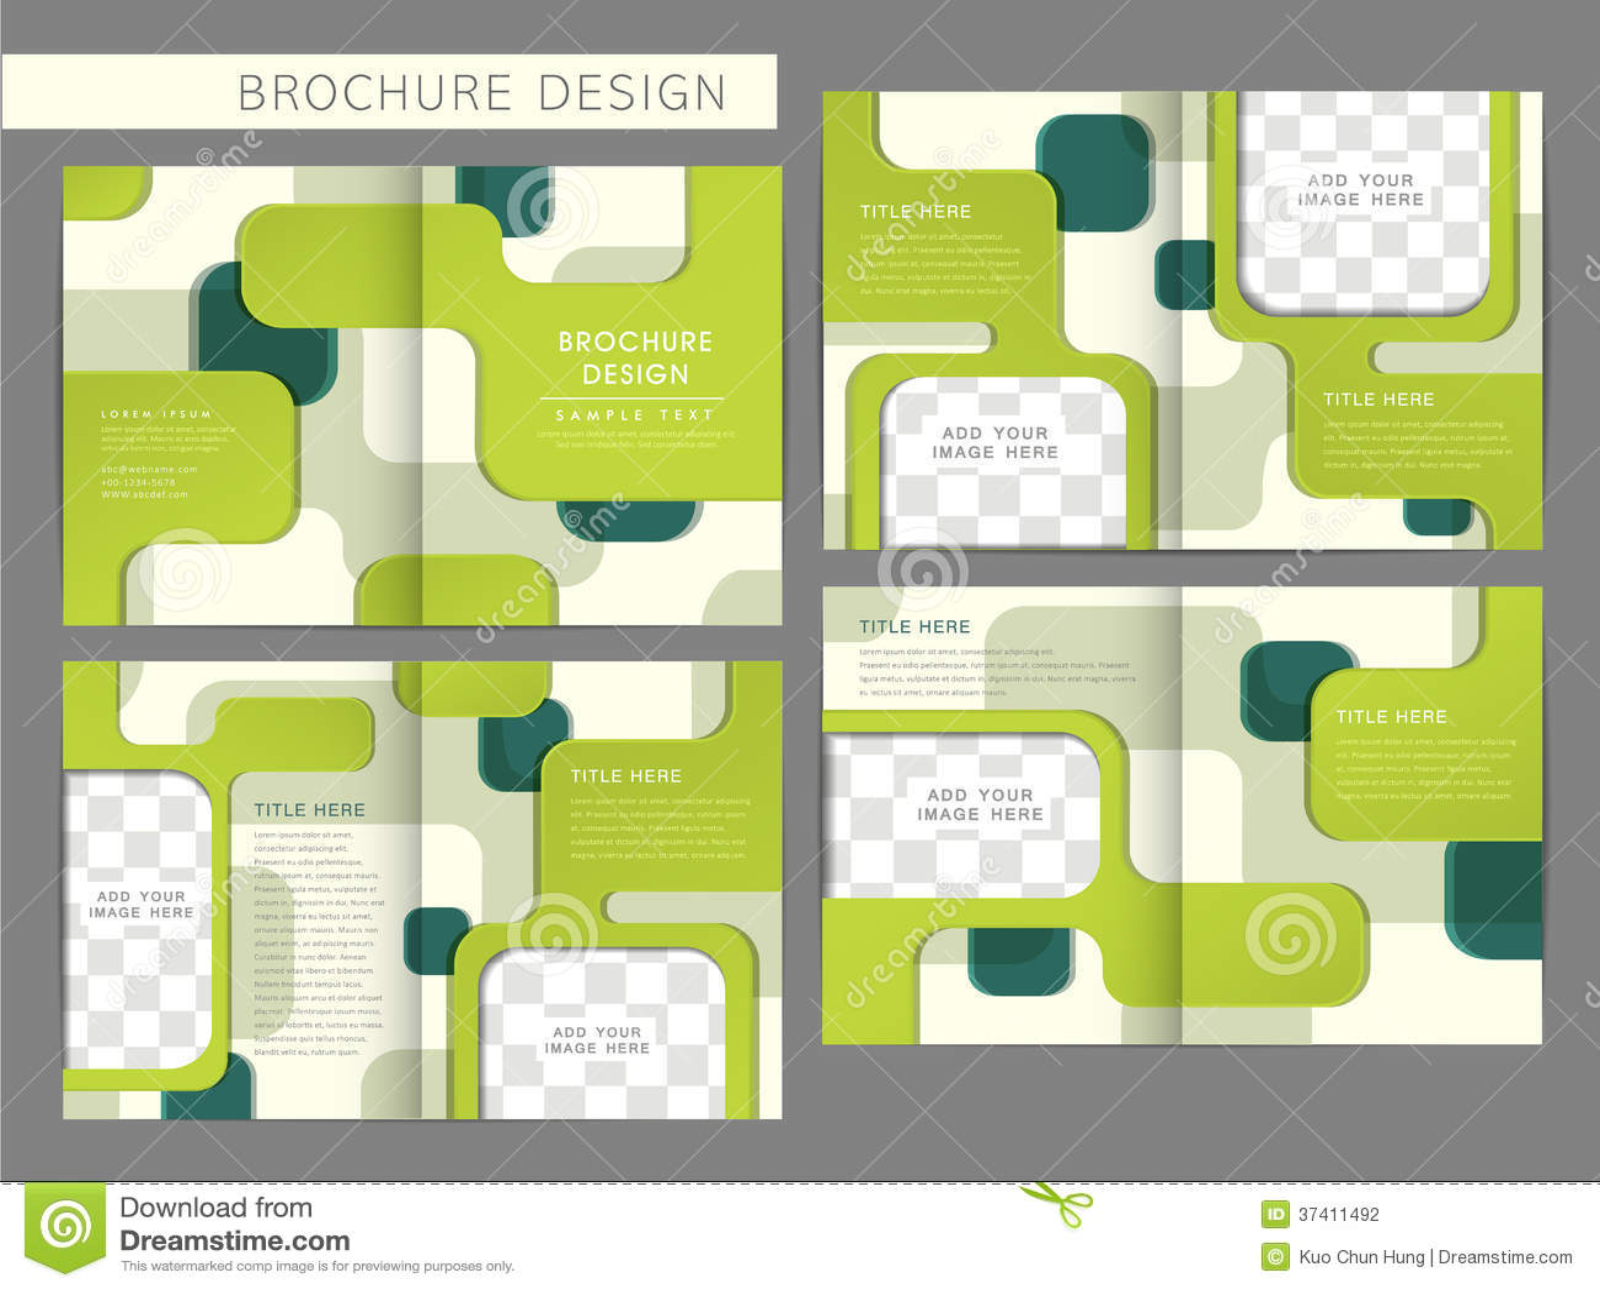 brochure template vector - vector brochure layout design template stock vector